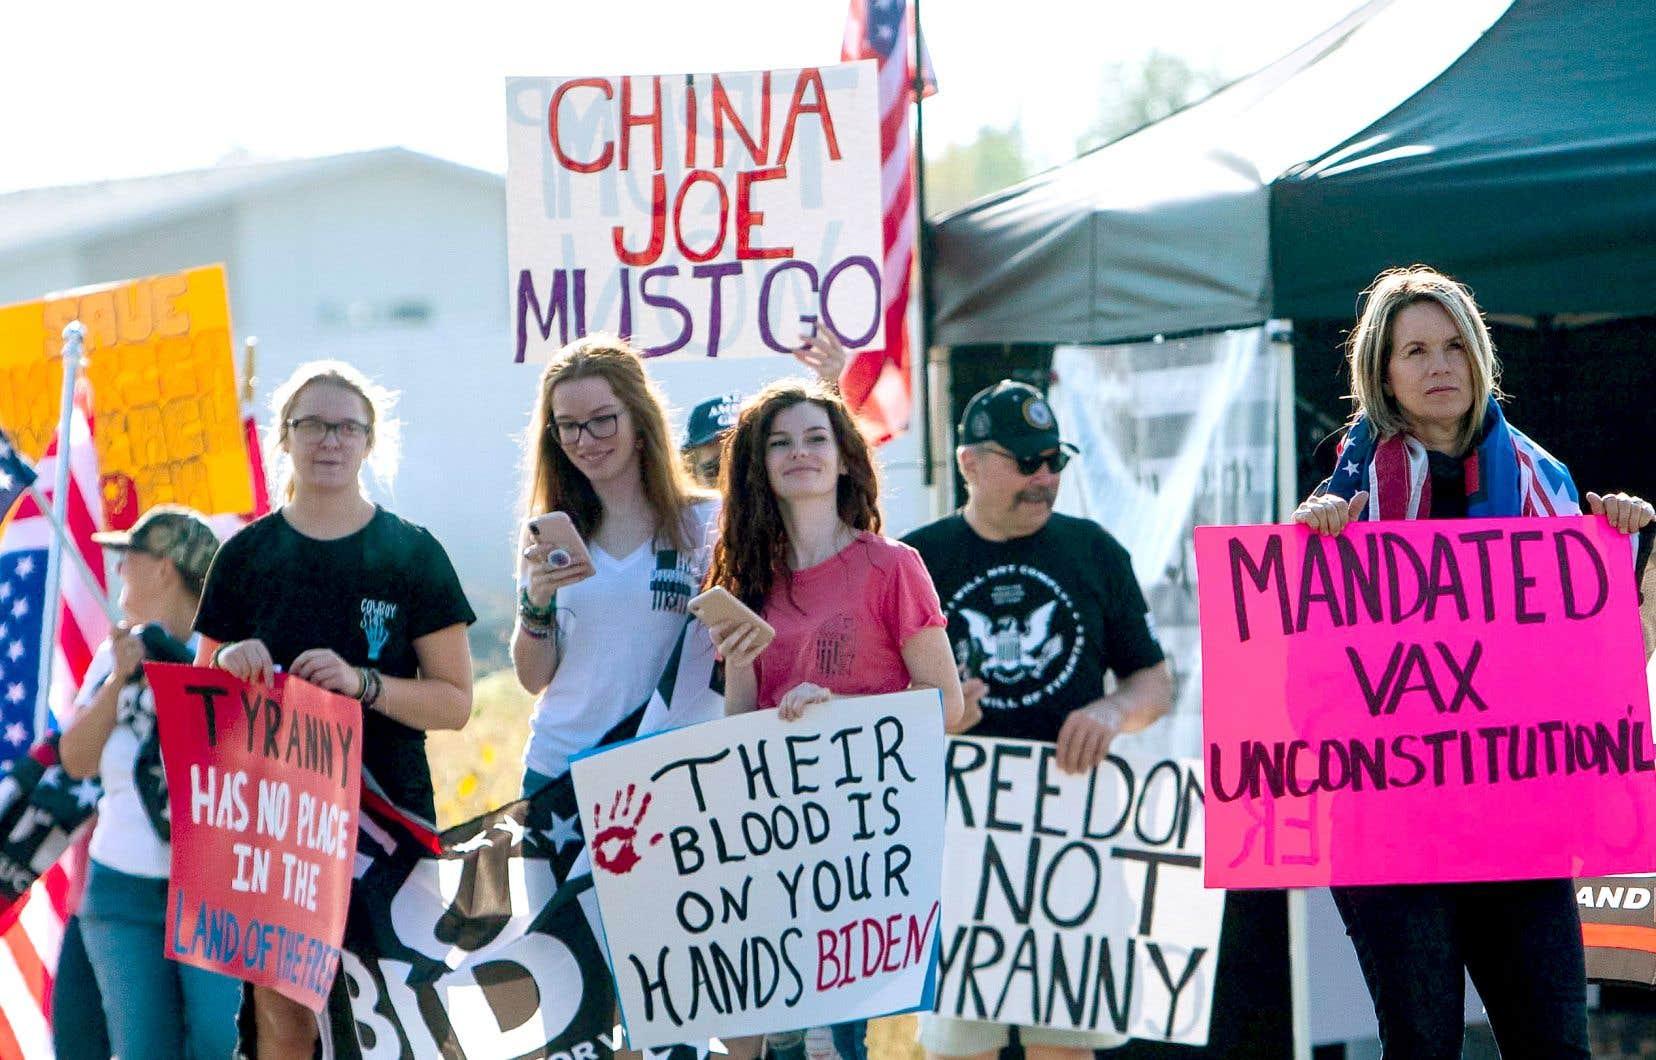 Environ 1000 manifestants contre les mesures sanitaires étaient là pour accueillir Joe Biden à Boise, en Idaho, où le président américain était en visite lundi. La fin du discours persuasif de la Maison-Blanche, qui prône désormais une approche plus contraignante pour élever le niveau de vaccination de la population des États-Unis, a déclenché un vent d'opposition qui ne cesse de s'intensifier chez les Américains opposés à cette protection contre la COVID-19.